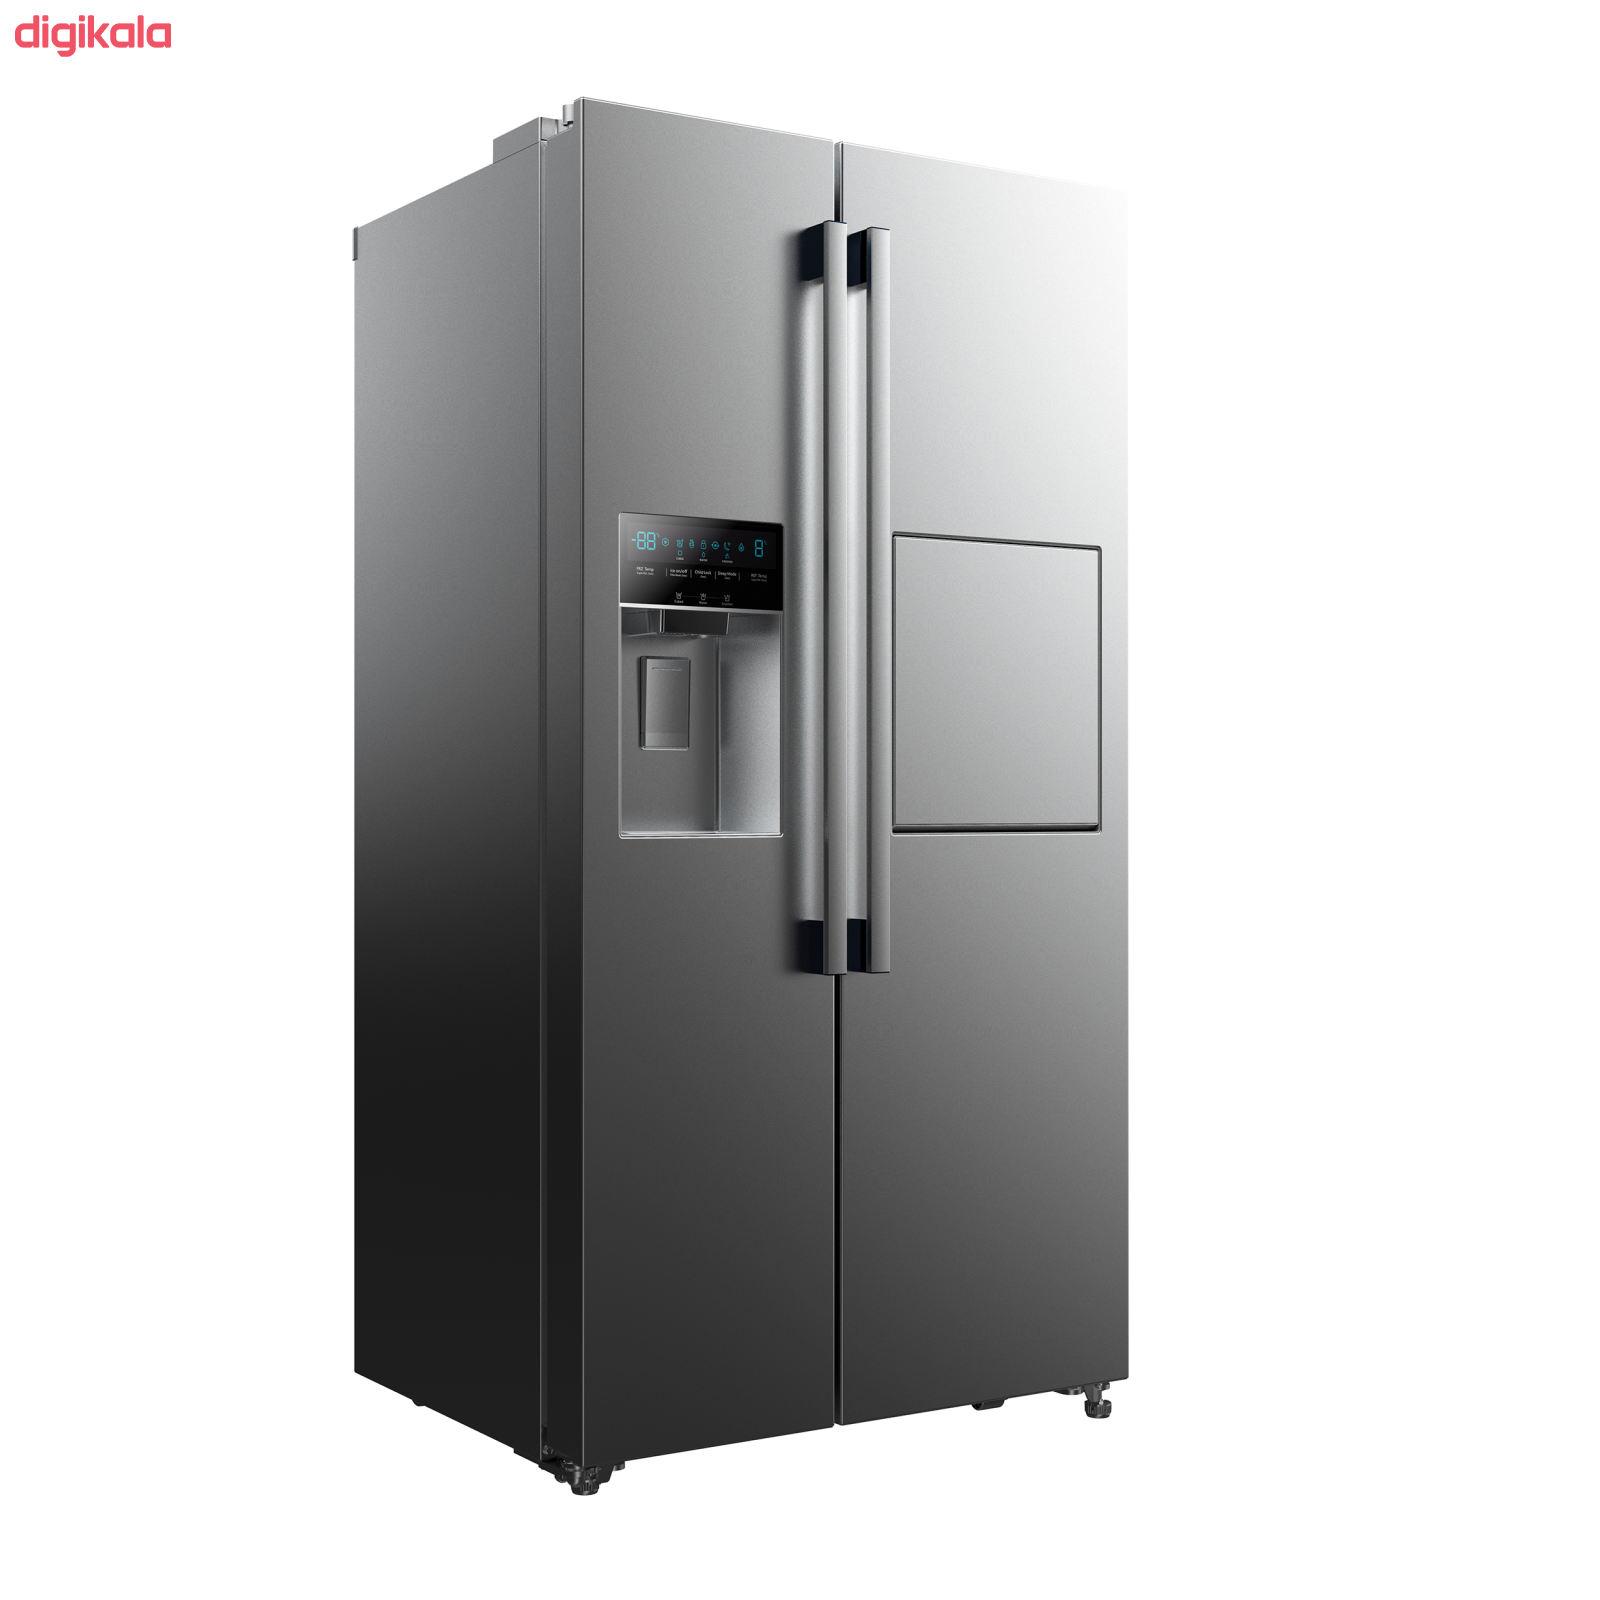 یخچال و فریز ساید بای ساید دوو مدل D4S-2915SS main 1 3